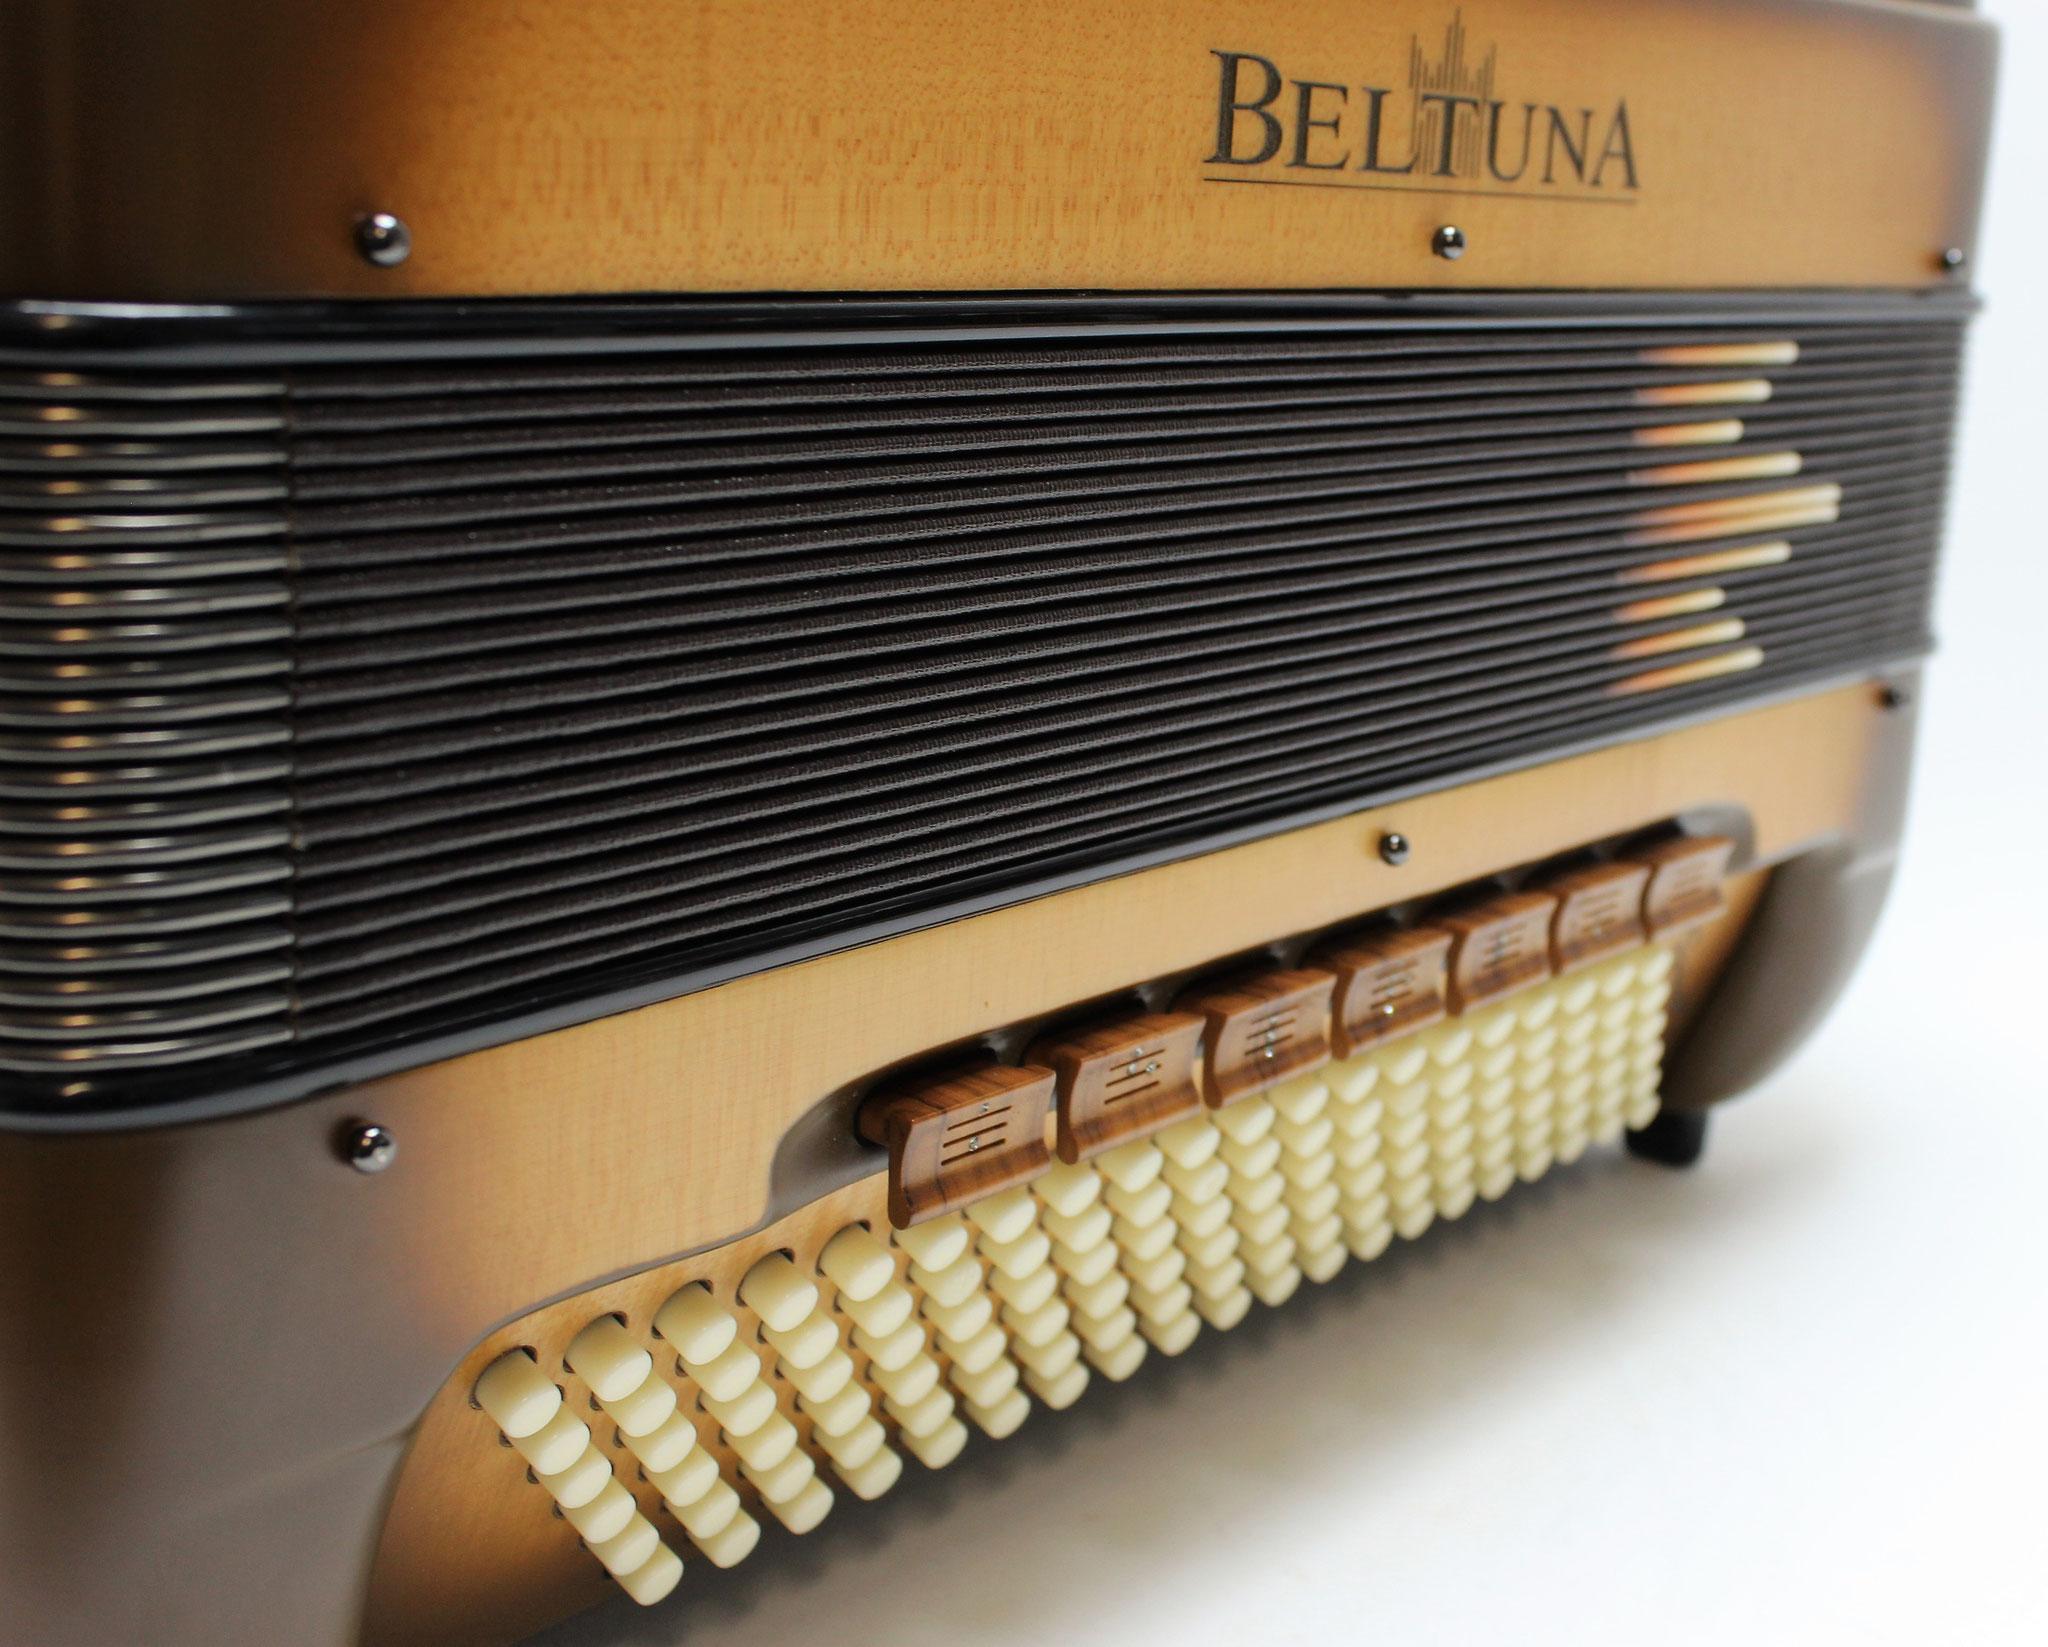 BELTUNA Spirit V 120 P, Ahorn mit Sonderlackierung